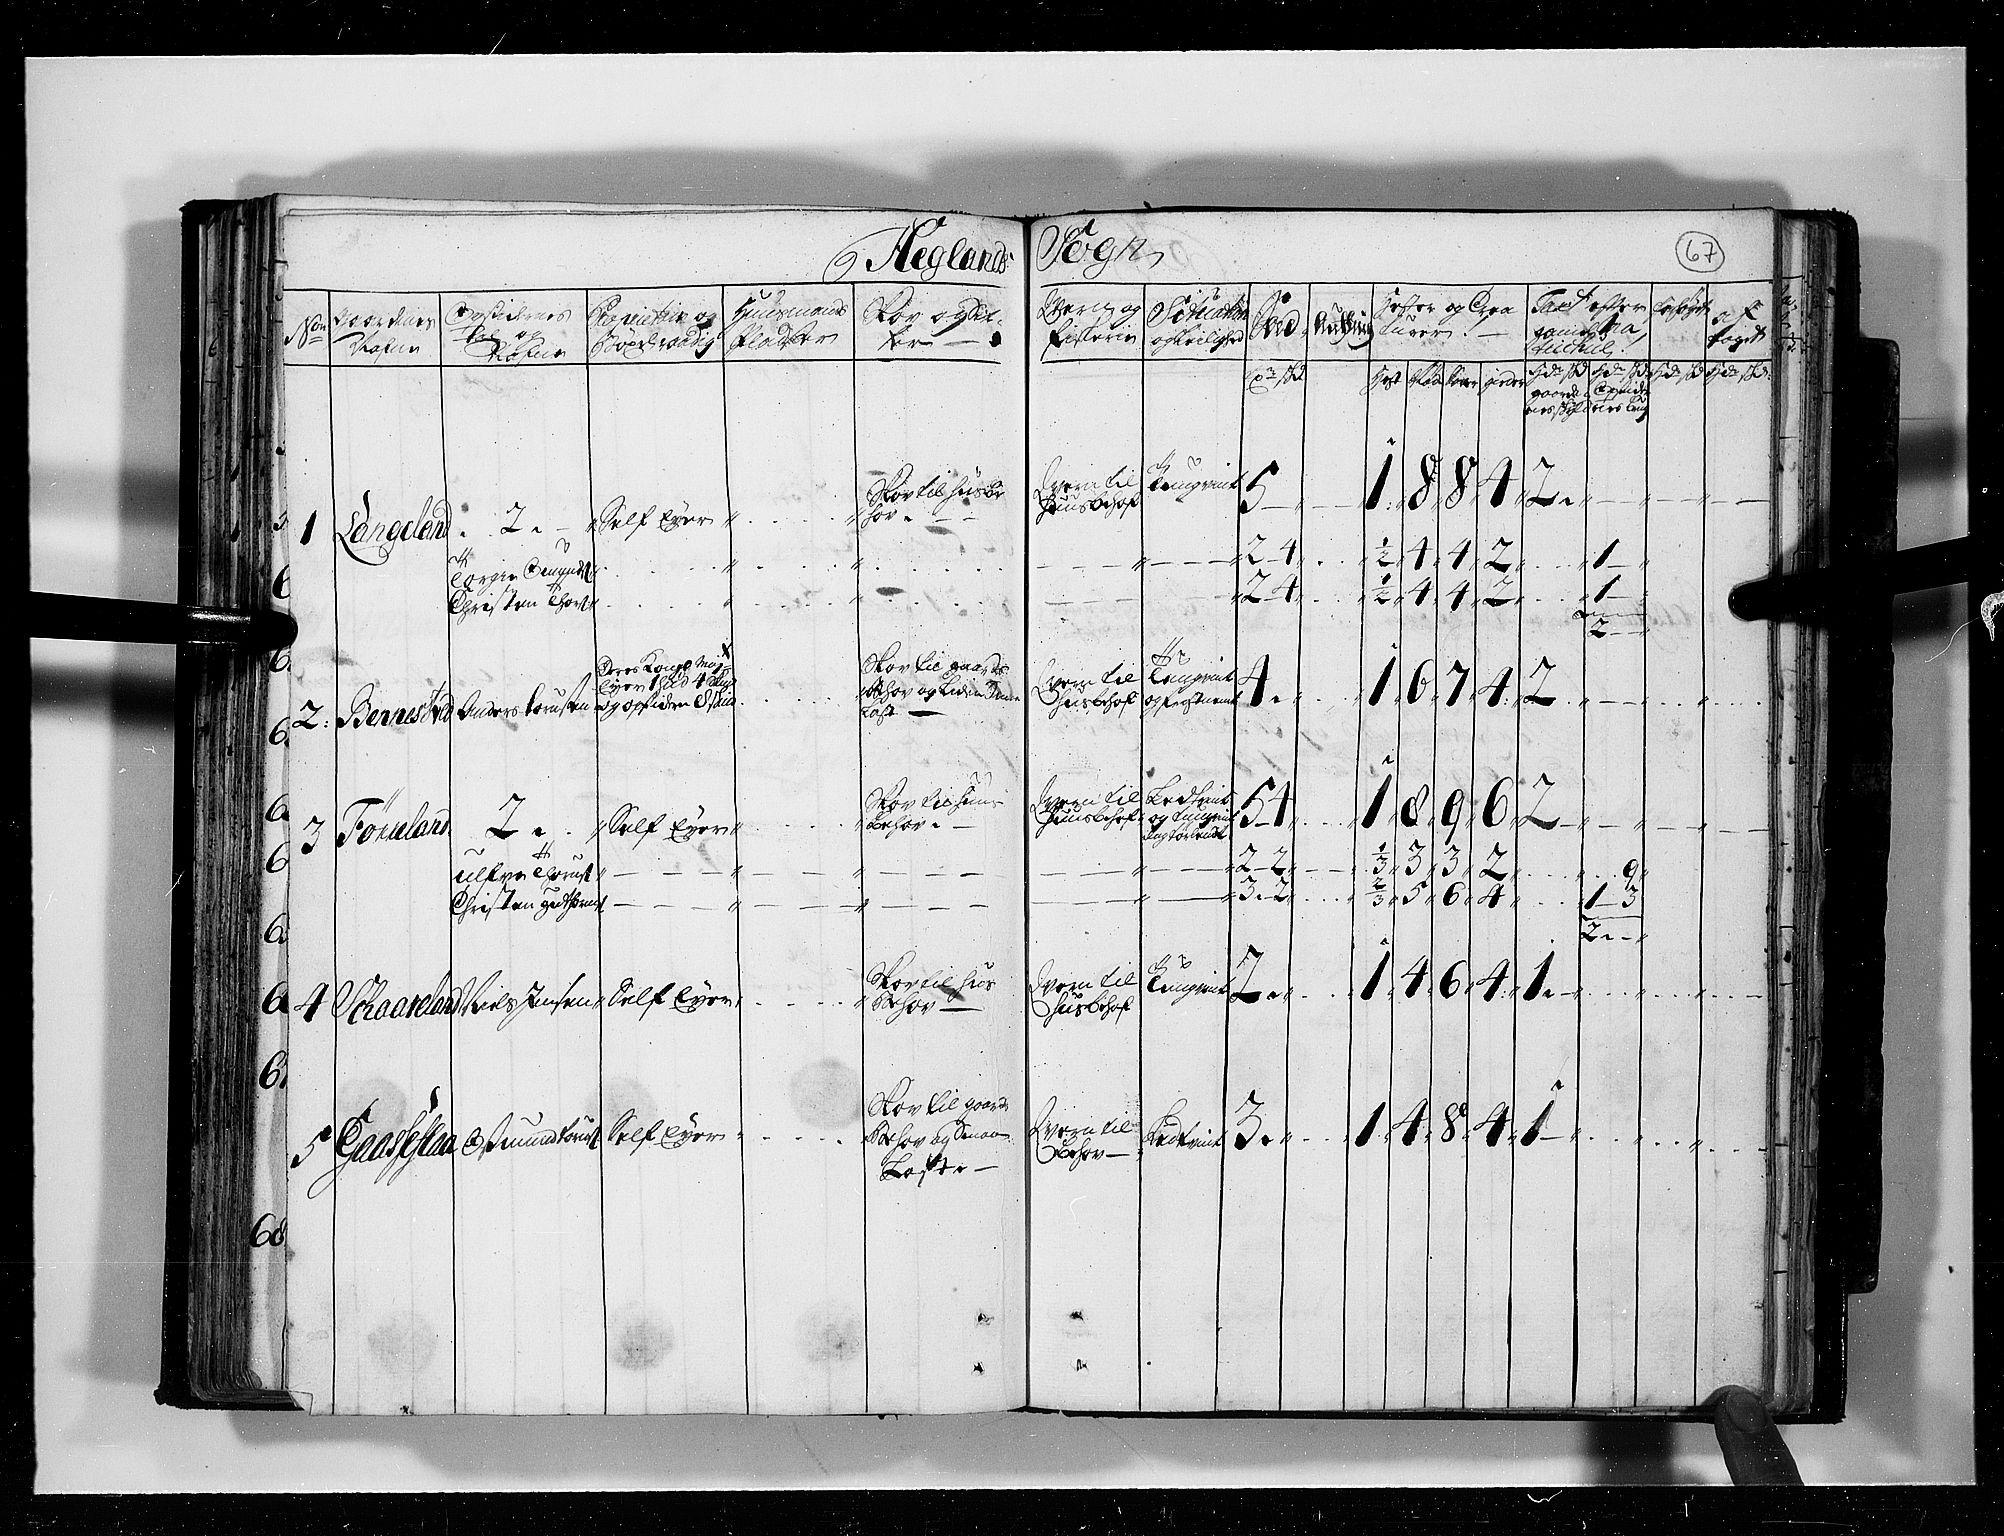 RA, Rentekammeret inntil 1814, Realistisk ordnet avdeling, N/Nb/Nbf/L0125: Råbyggelag eksaminasjonsprotokoll, 1723, s. 66b-67a